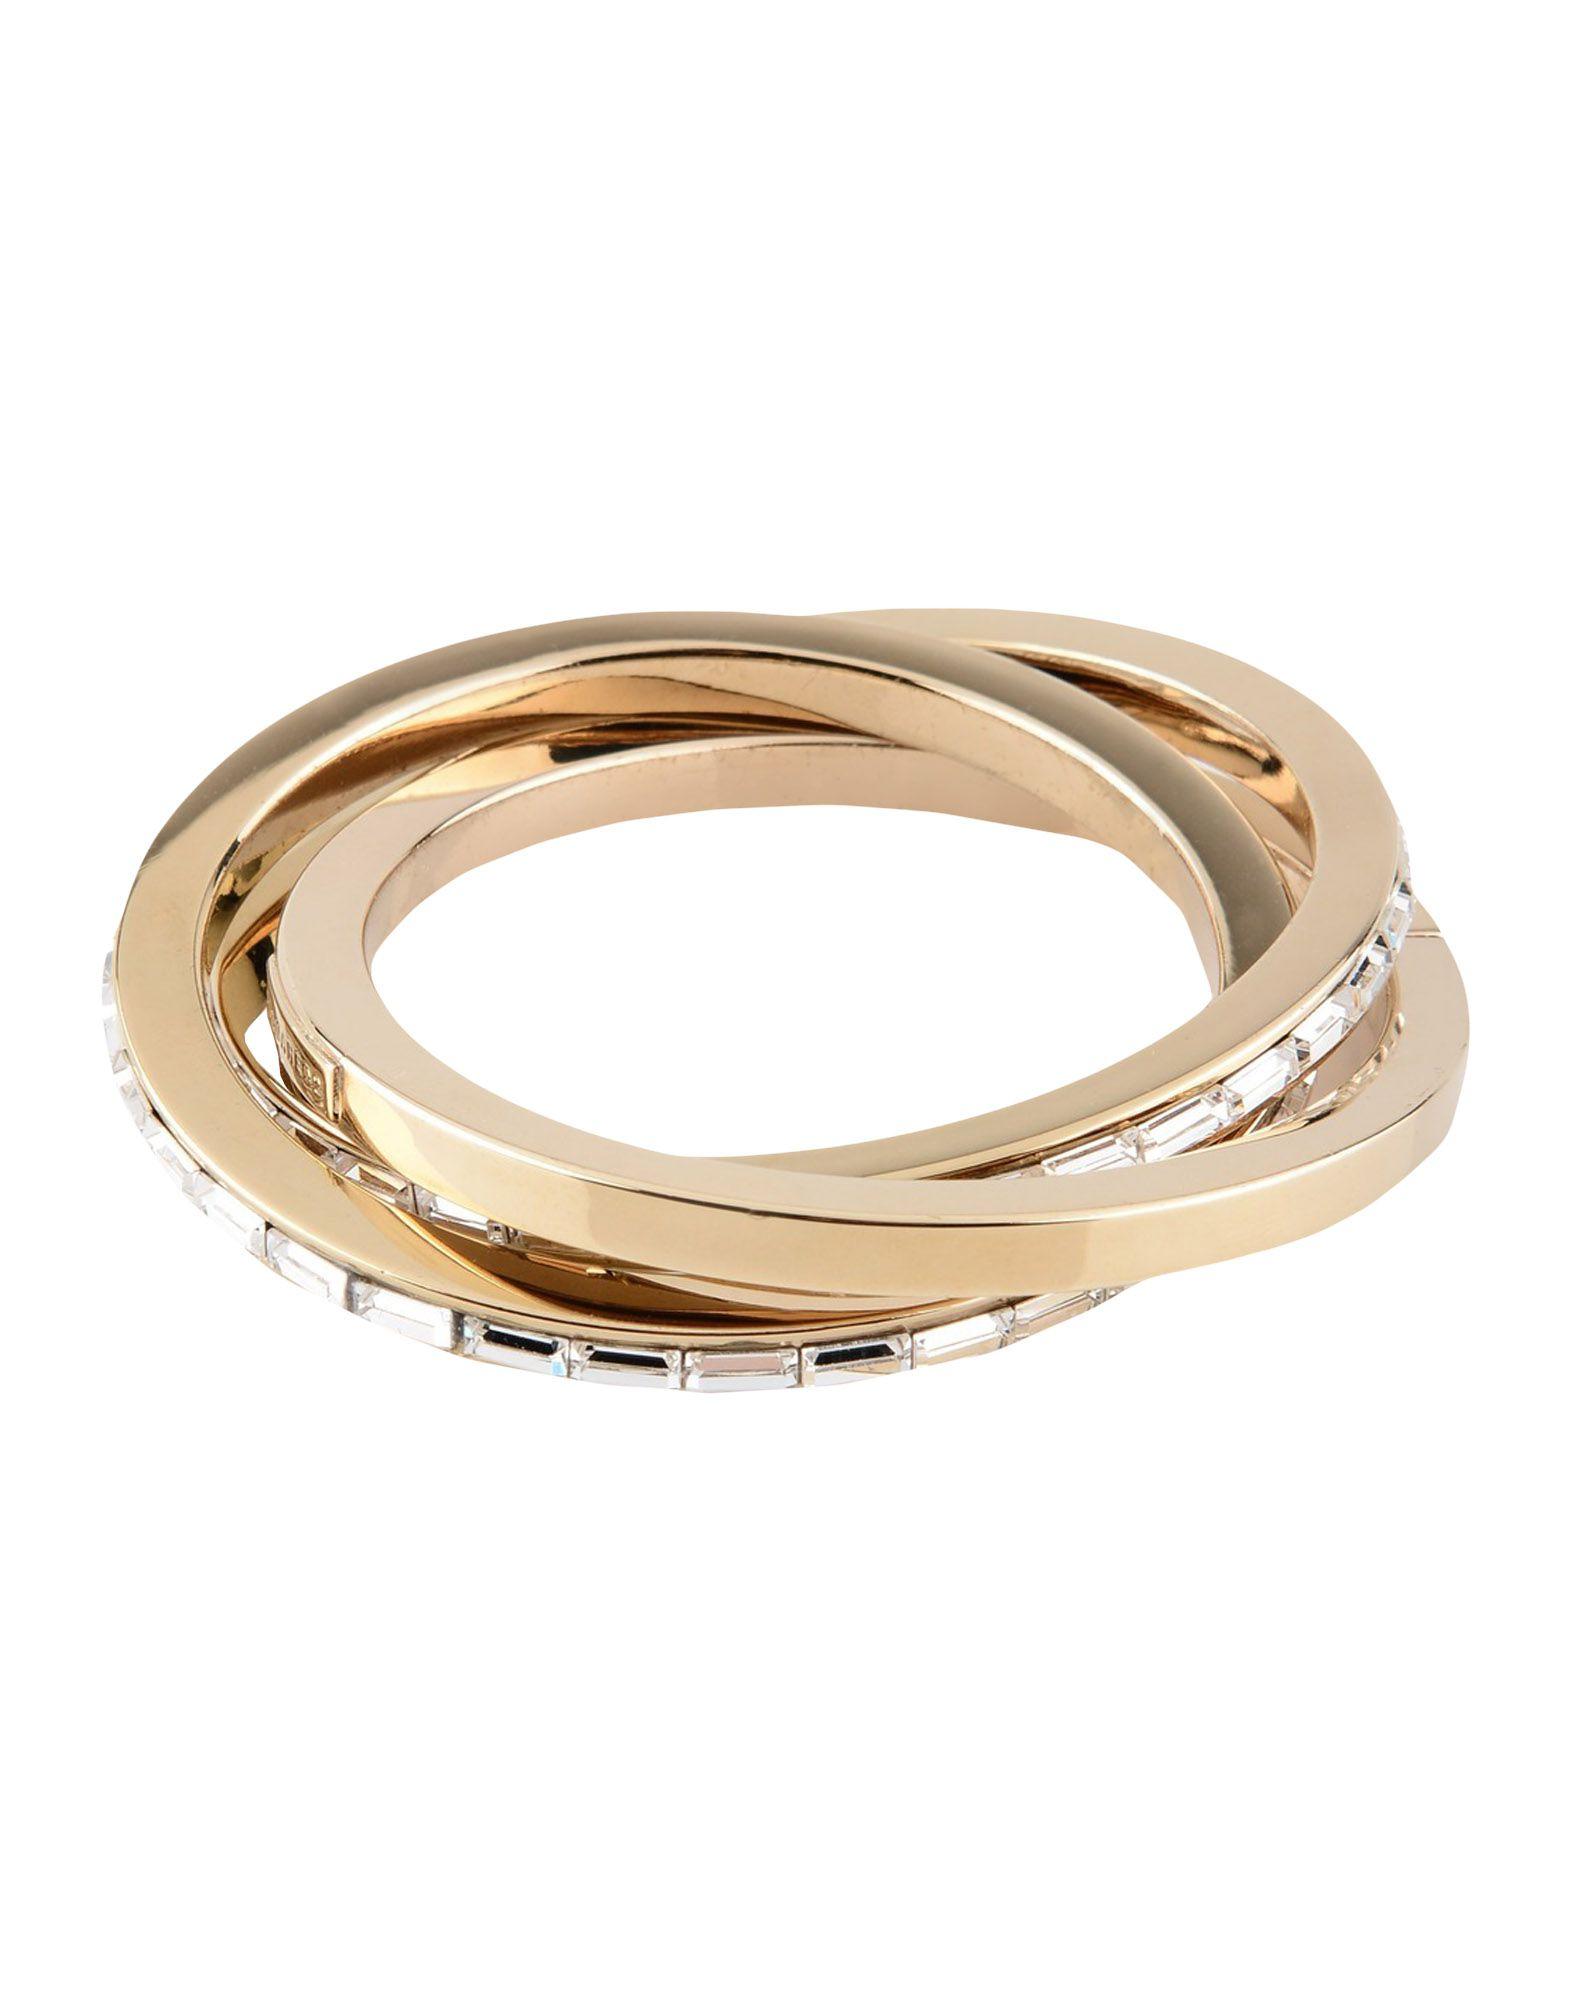 《送料無料》DSQUARED2 レディース ブレスレット ゴールド 金属 80% / ガラス 20%